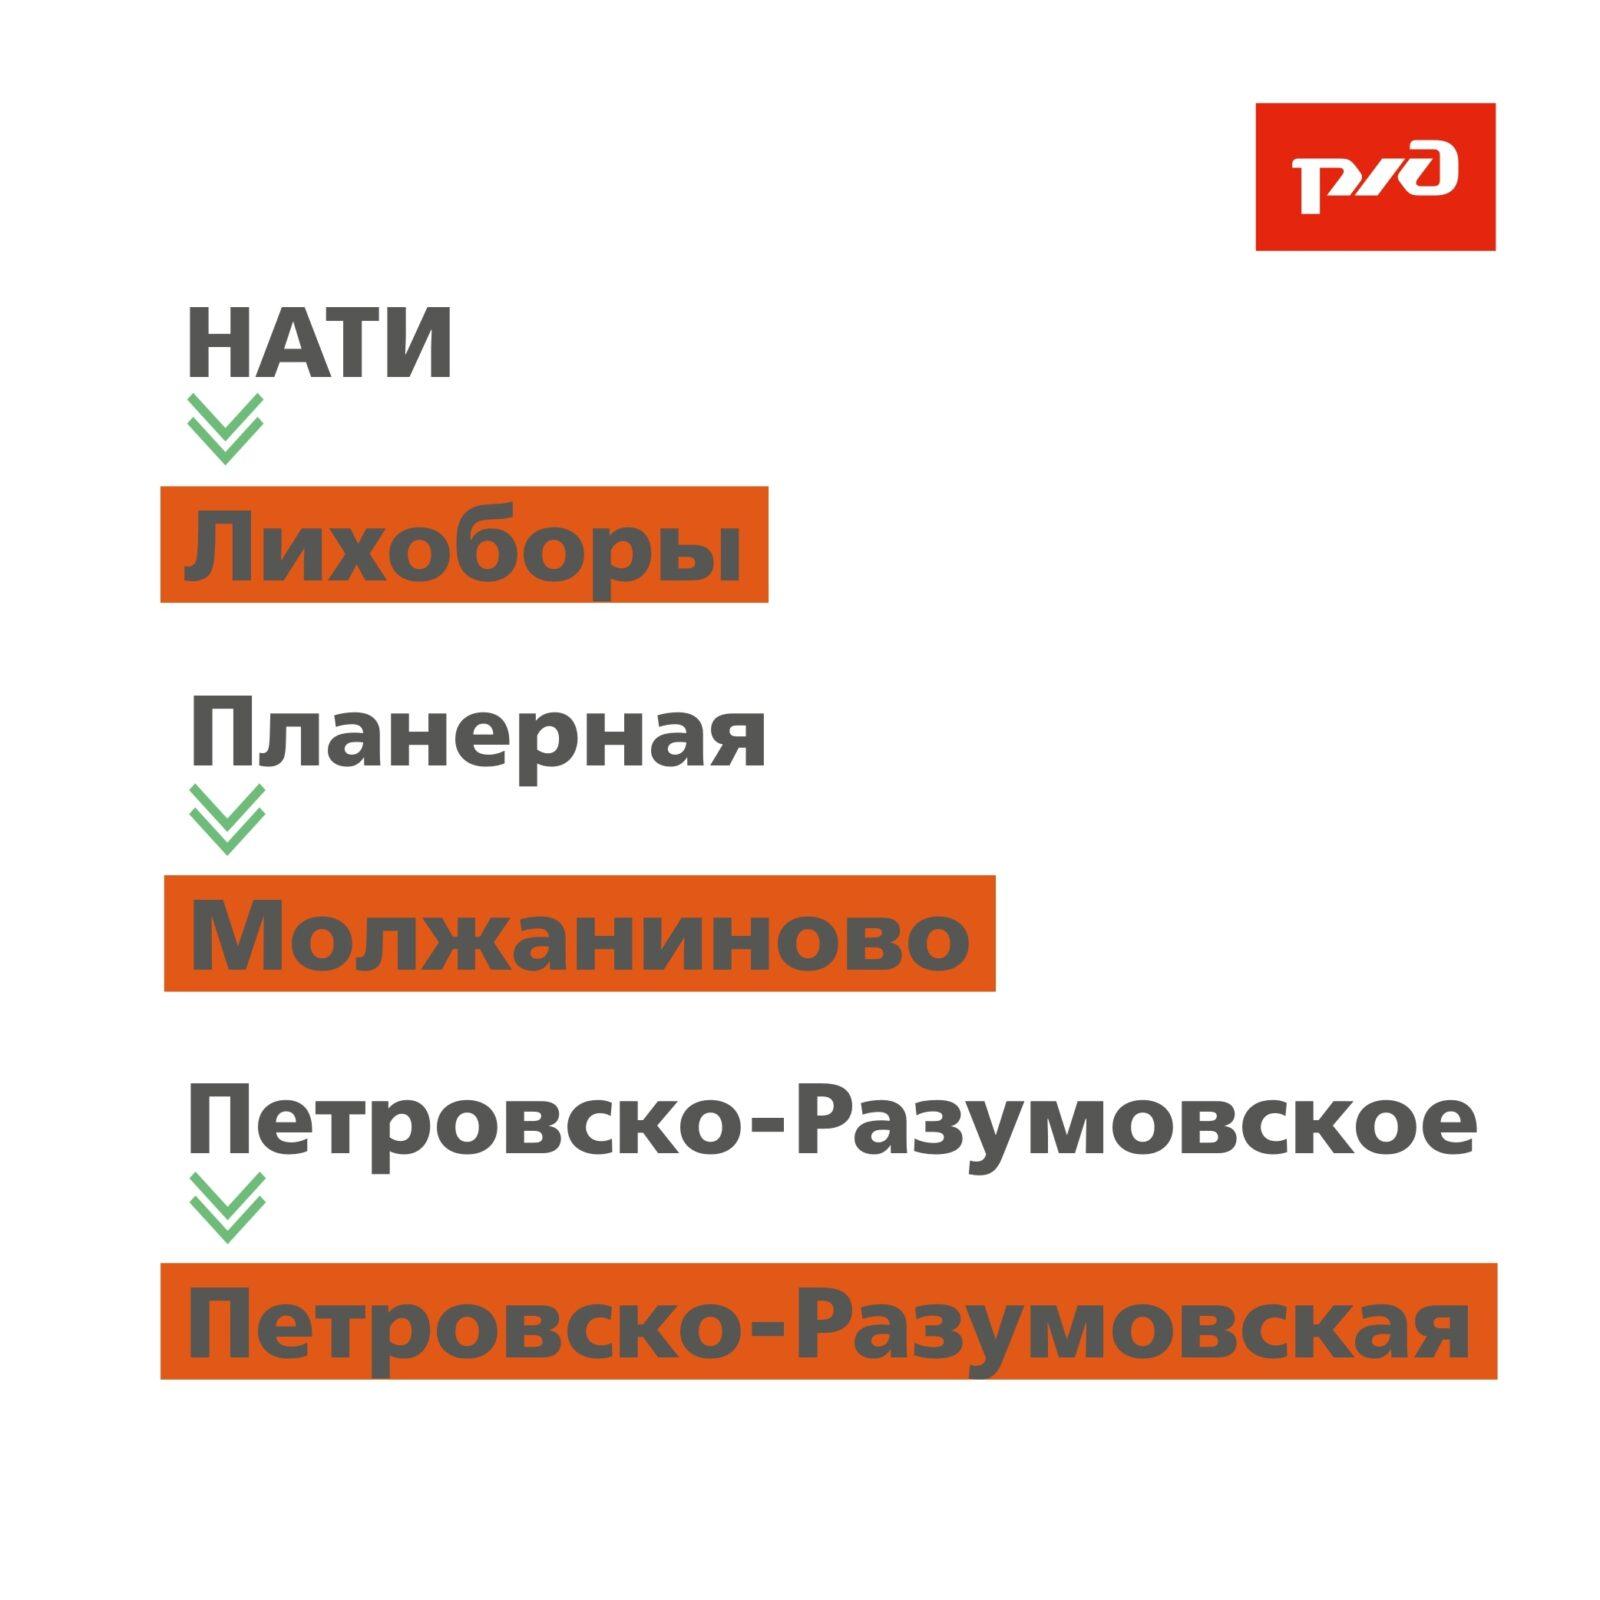 На железнодорожном маршруте Тверь-Москва переименуют остановки